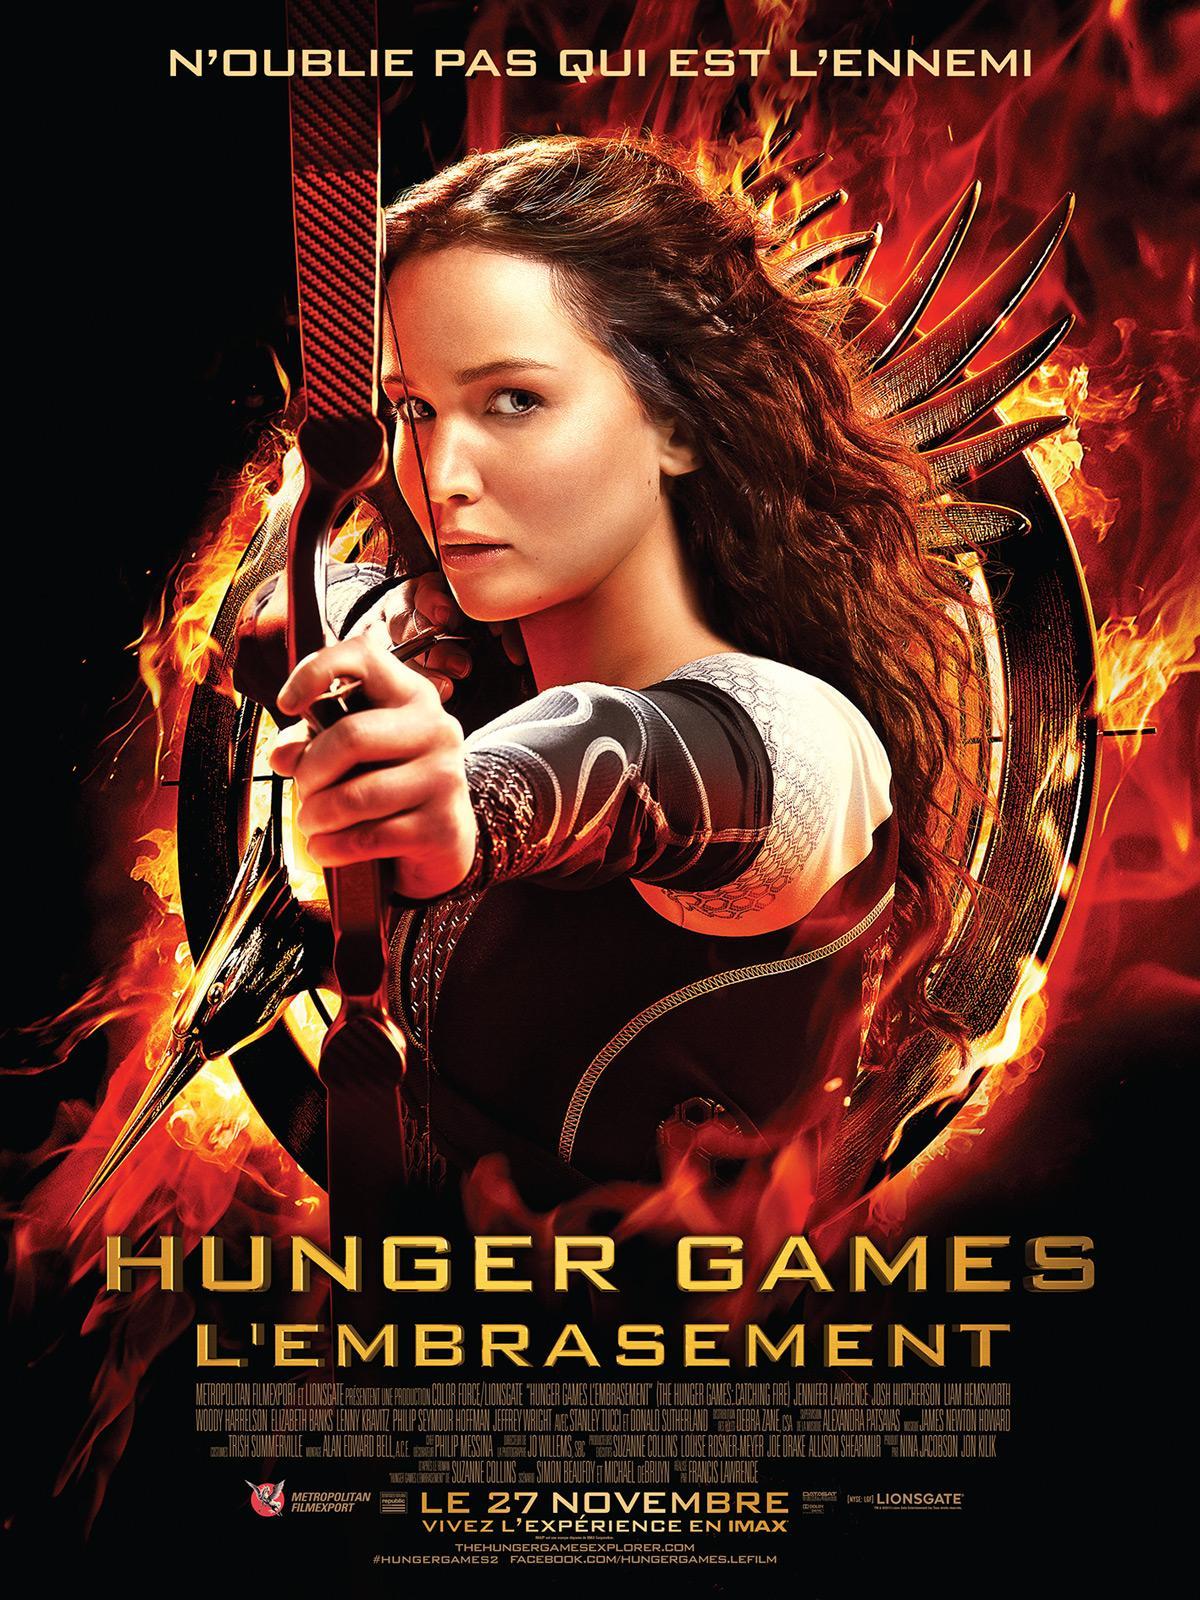 Hunger Games 2, l'embrasement